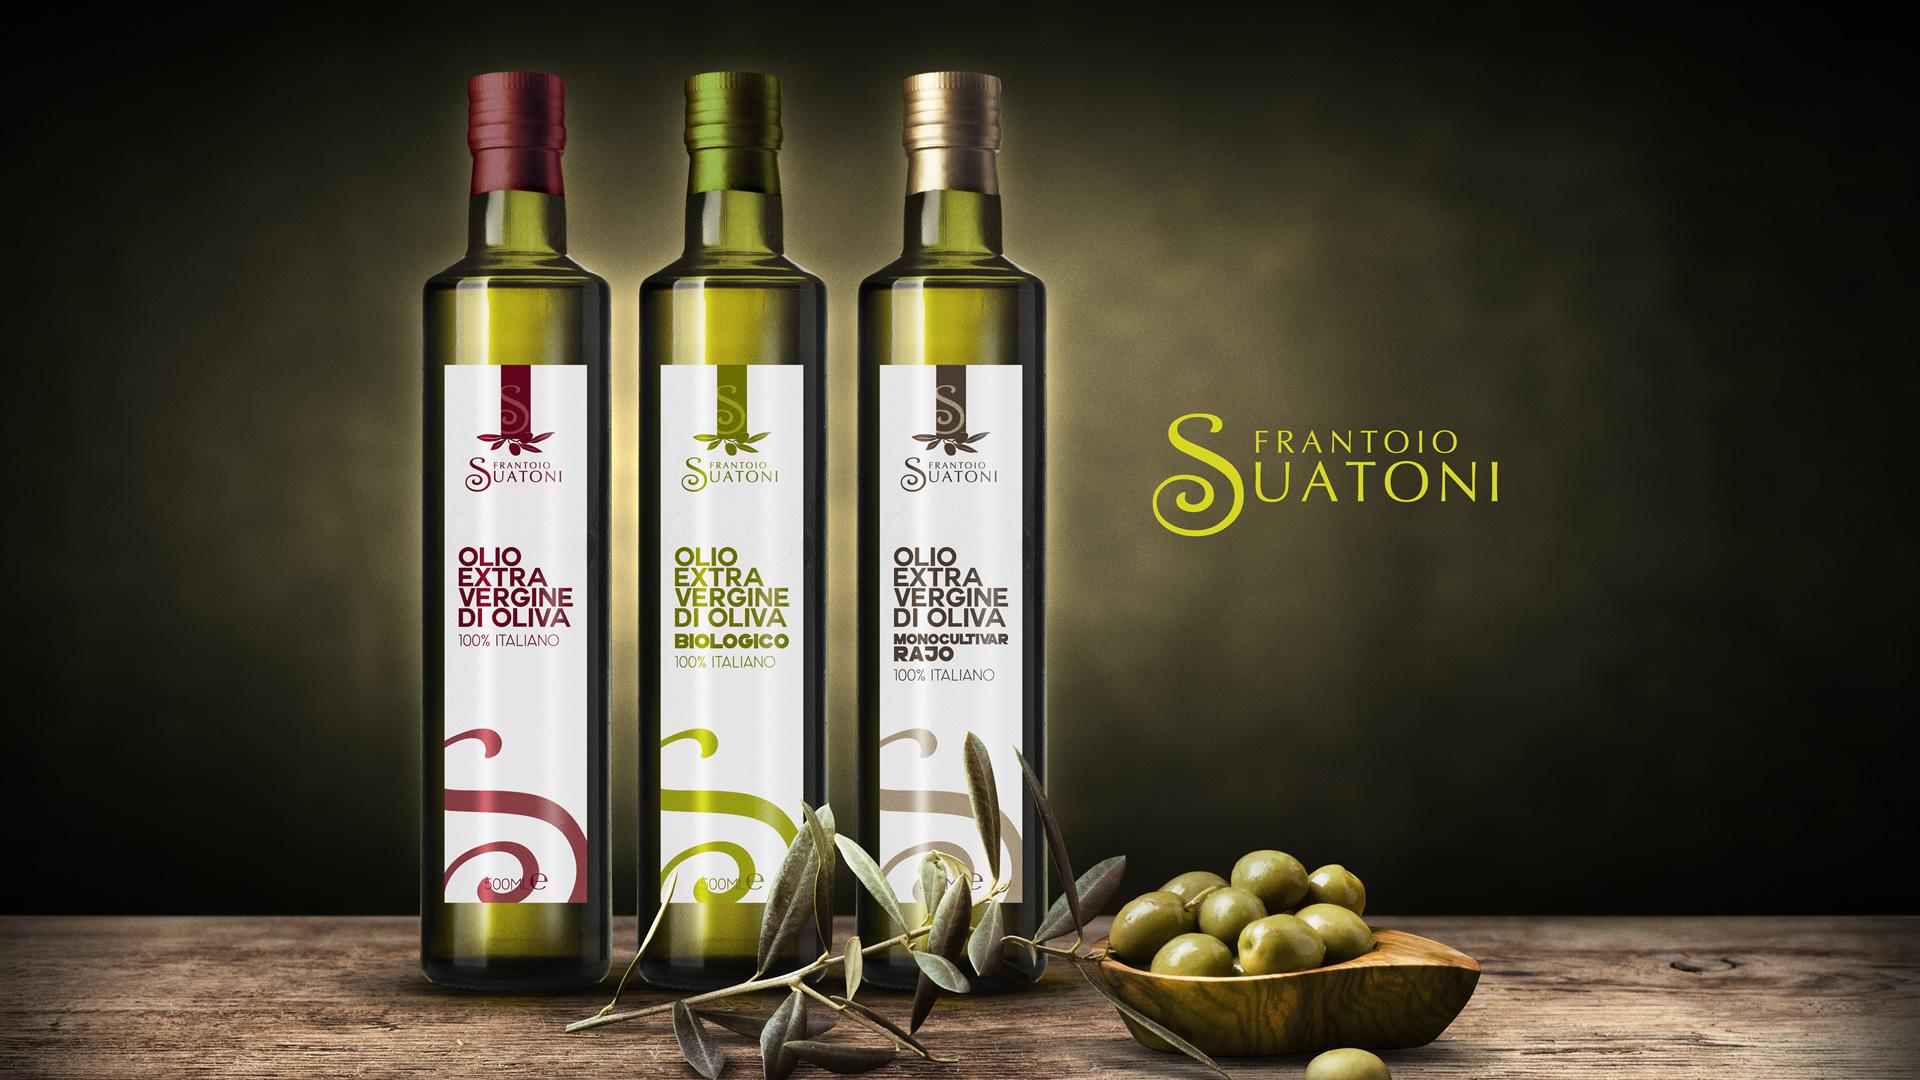 Frantoio Suatoni - Patrizio Rossi - Portfolio - Grafica Etichette Olio